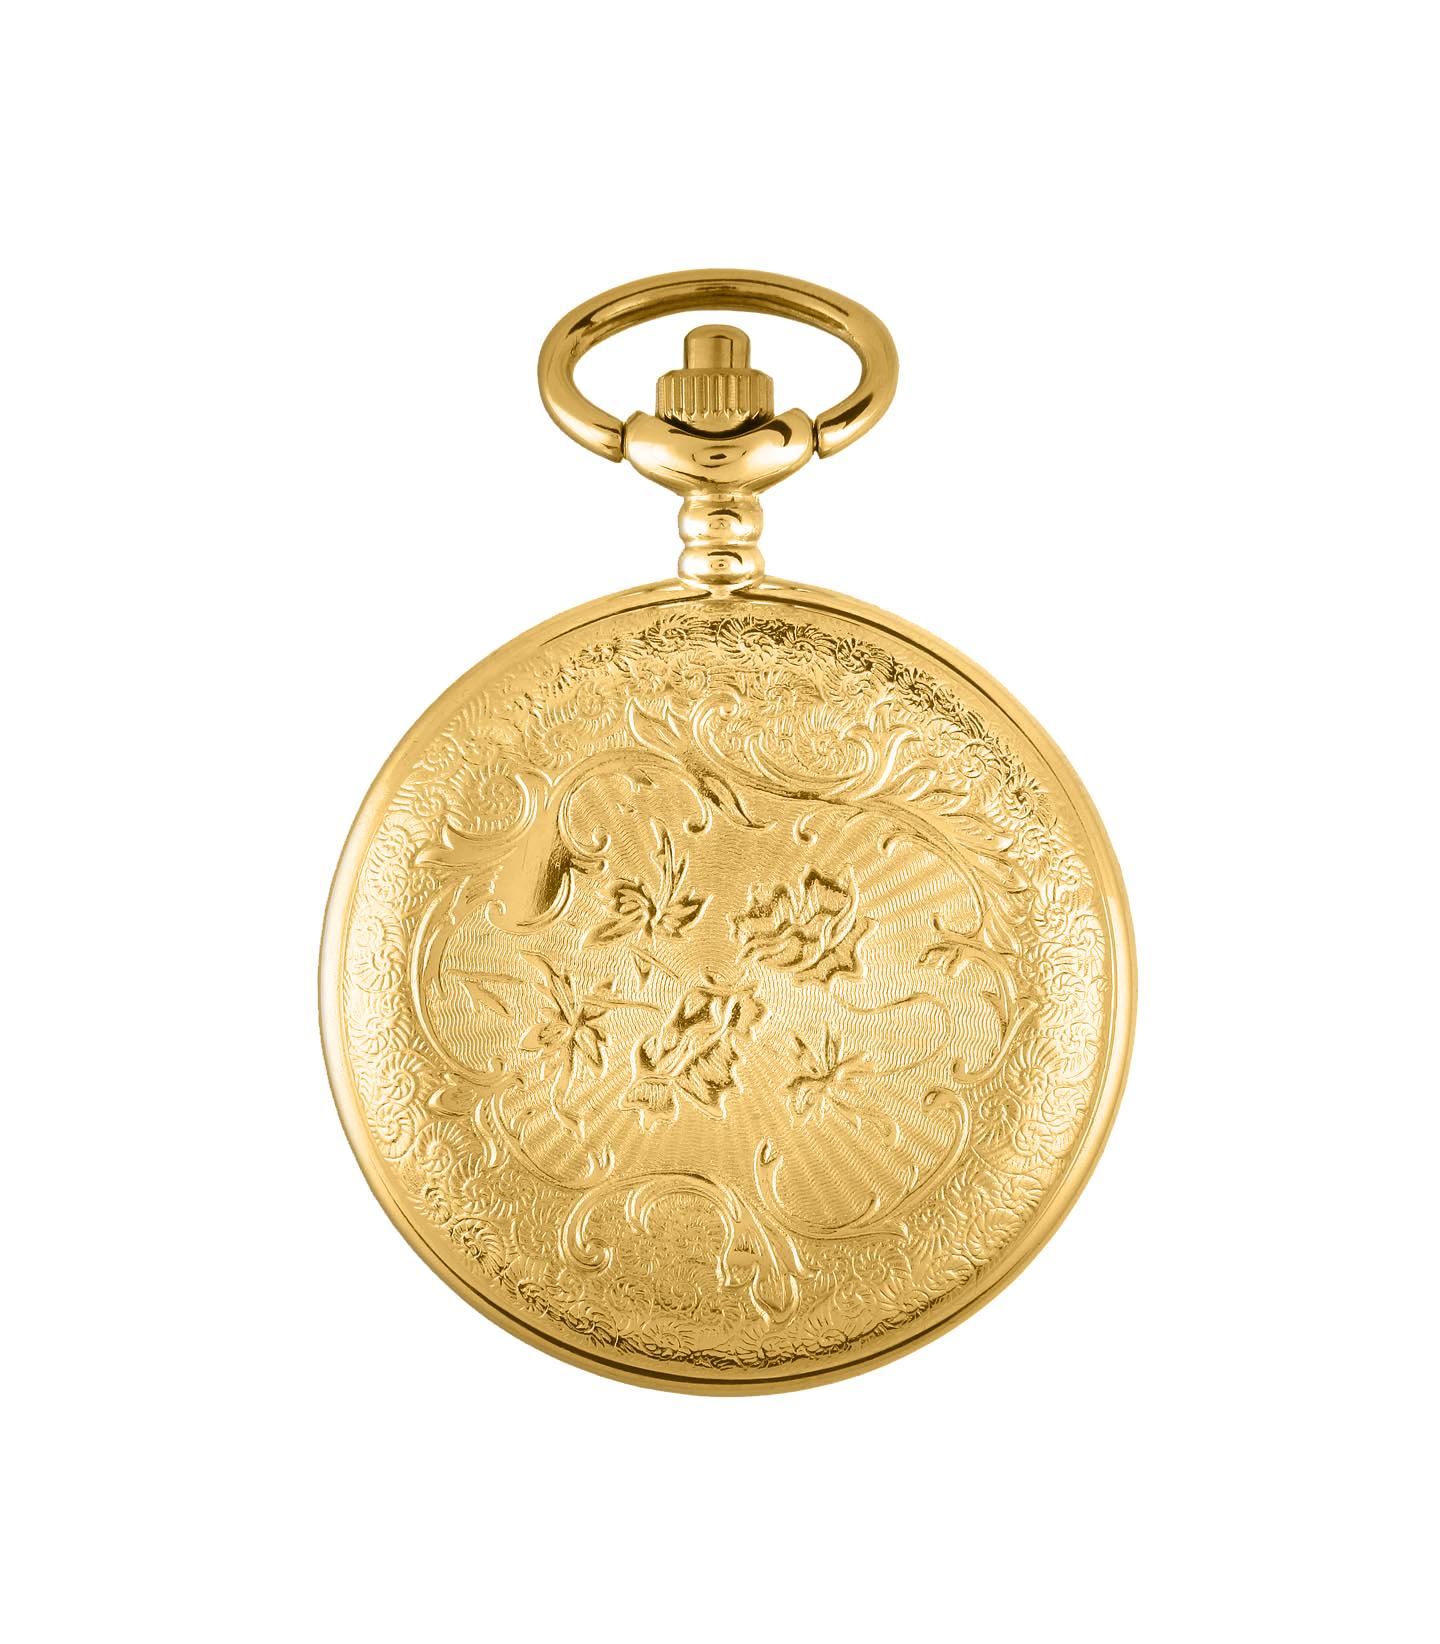 Товары 34 аукционы 23 с рубля 1 все  классифицировать такие часы можно по разным признакам: евгений васькин ответил 6 ответов.